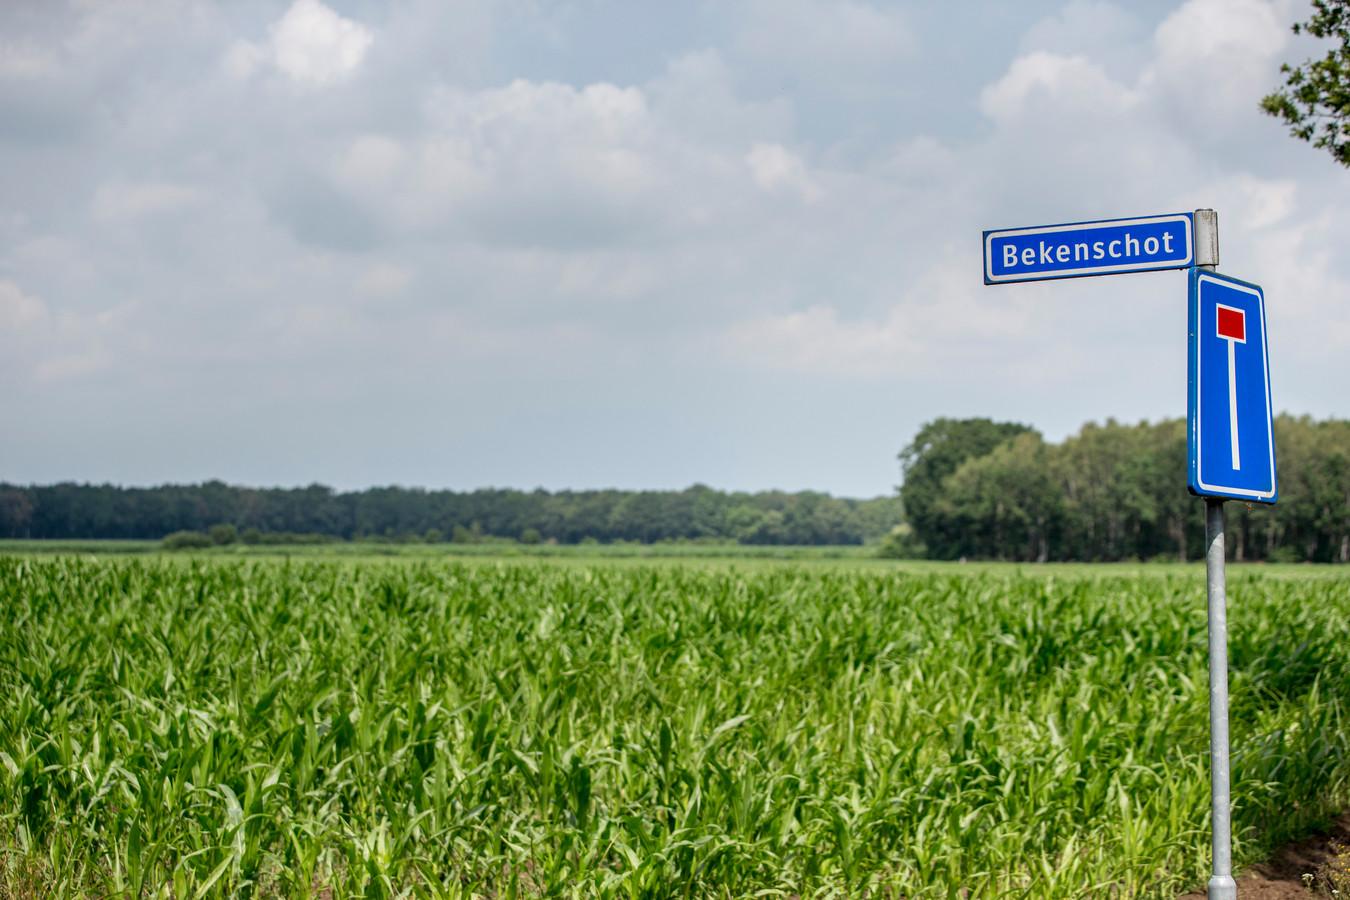 Het initiatief voor diverse zonneparken in en om Barchem heet Bekenschot, genoemd naar het gebied waar een deel van de parken zou kunnen komen.  In het dorp groeit het verzet en er is nu een vereniging opgericht die de plannen wil tegenhouden.